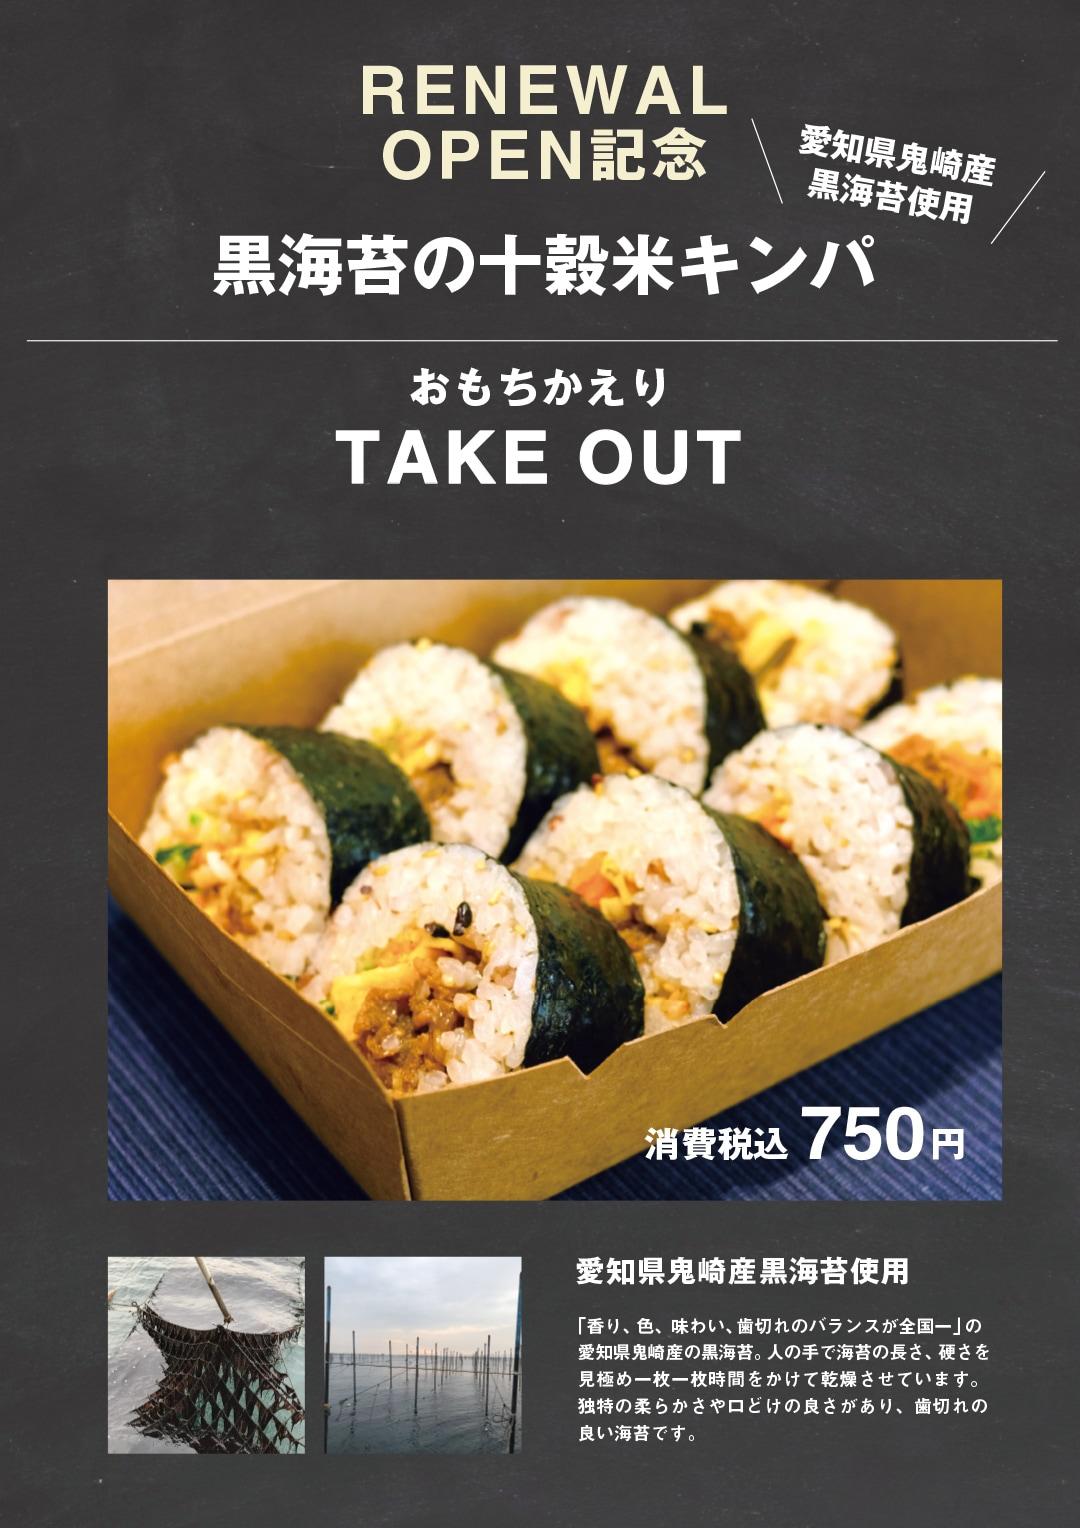 【イオンモール堺北花田】8月28日(金)にCafe&Meal MUJIがリニューアルオープンします|お知らせ